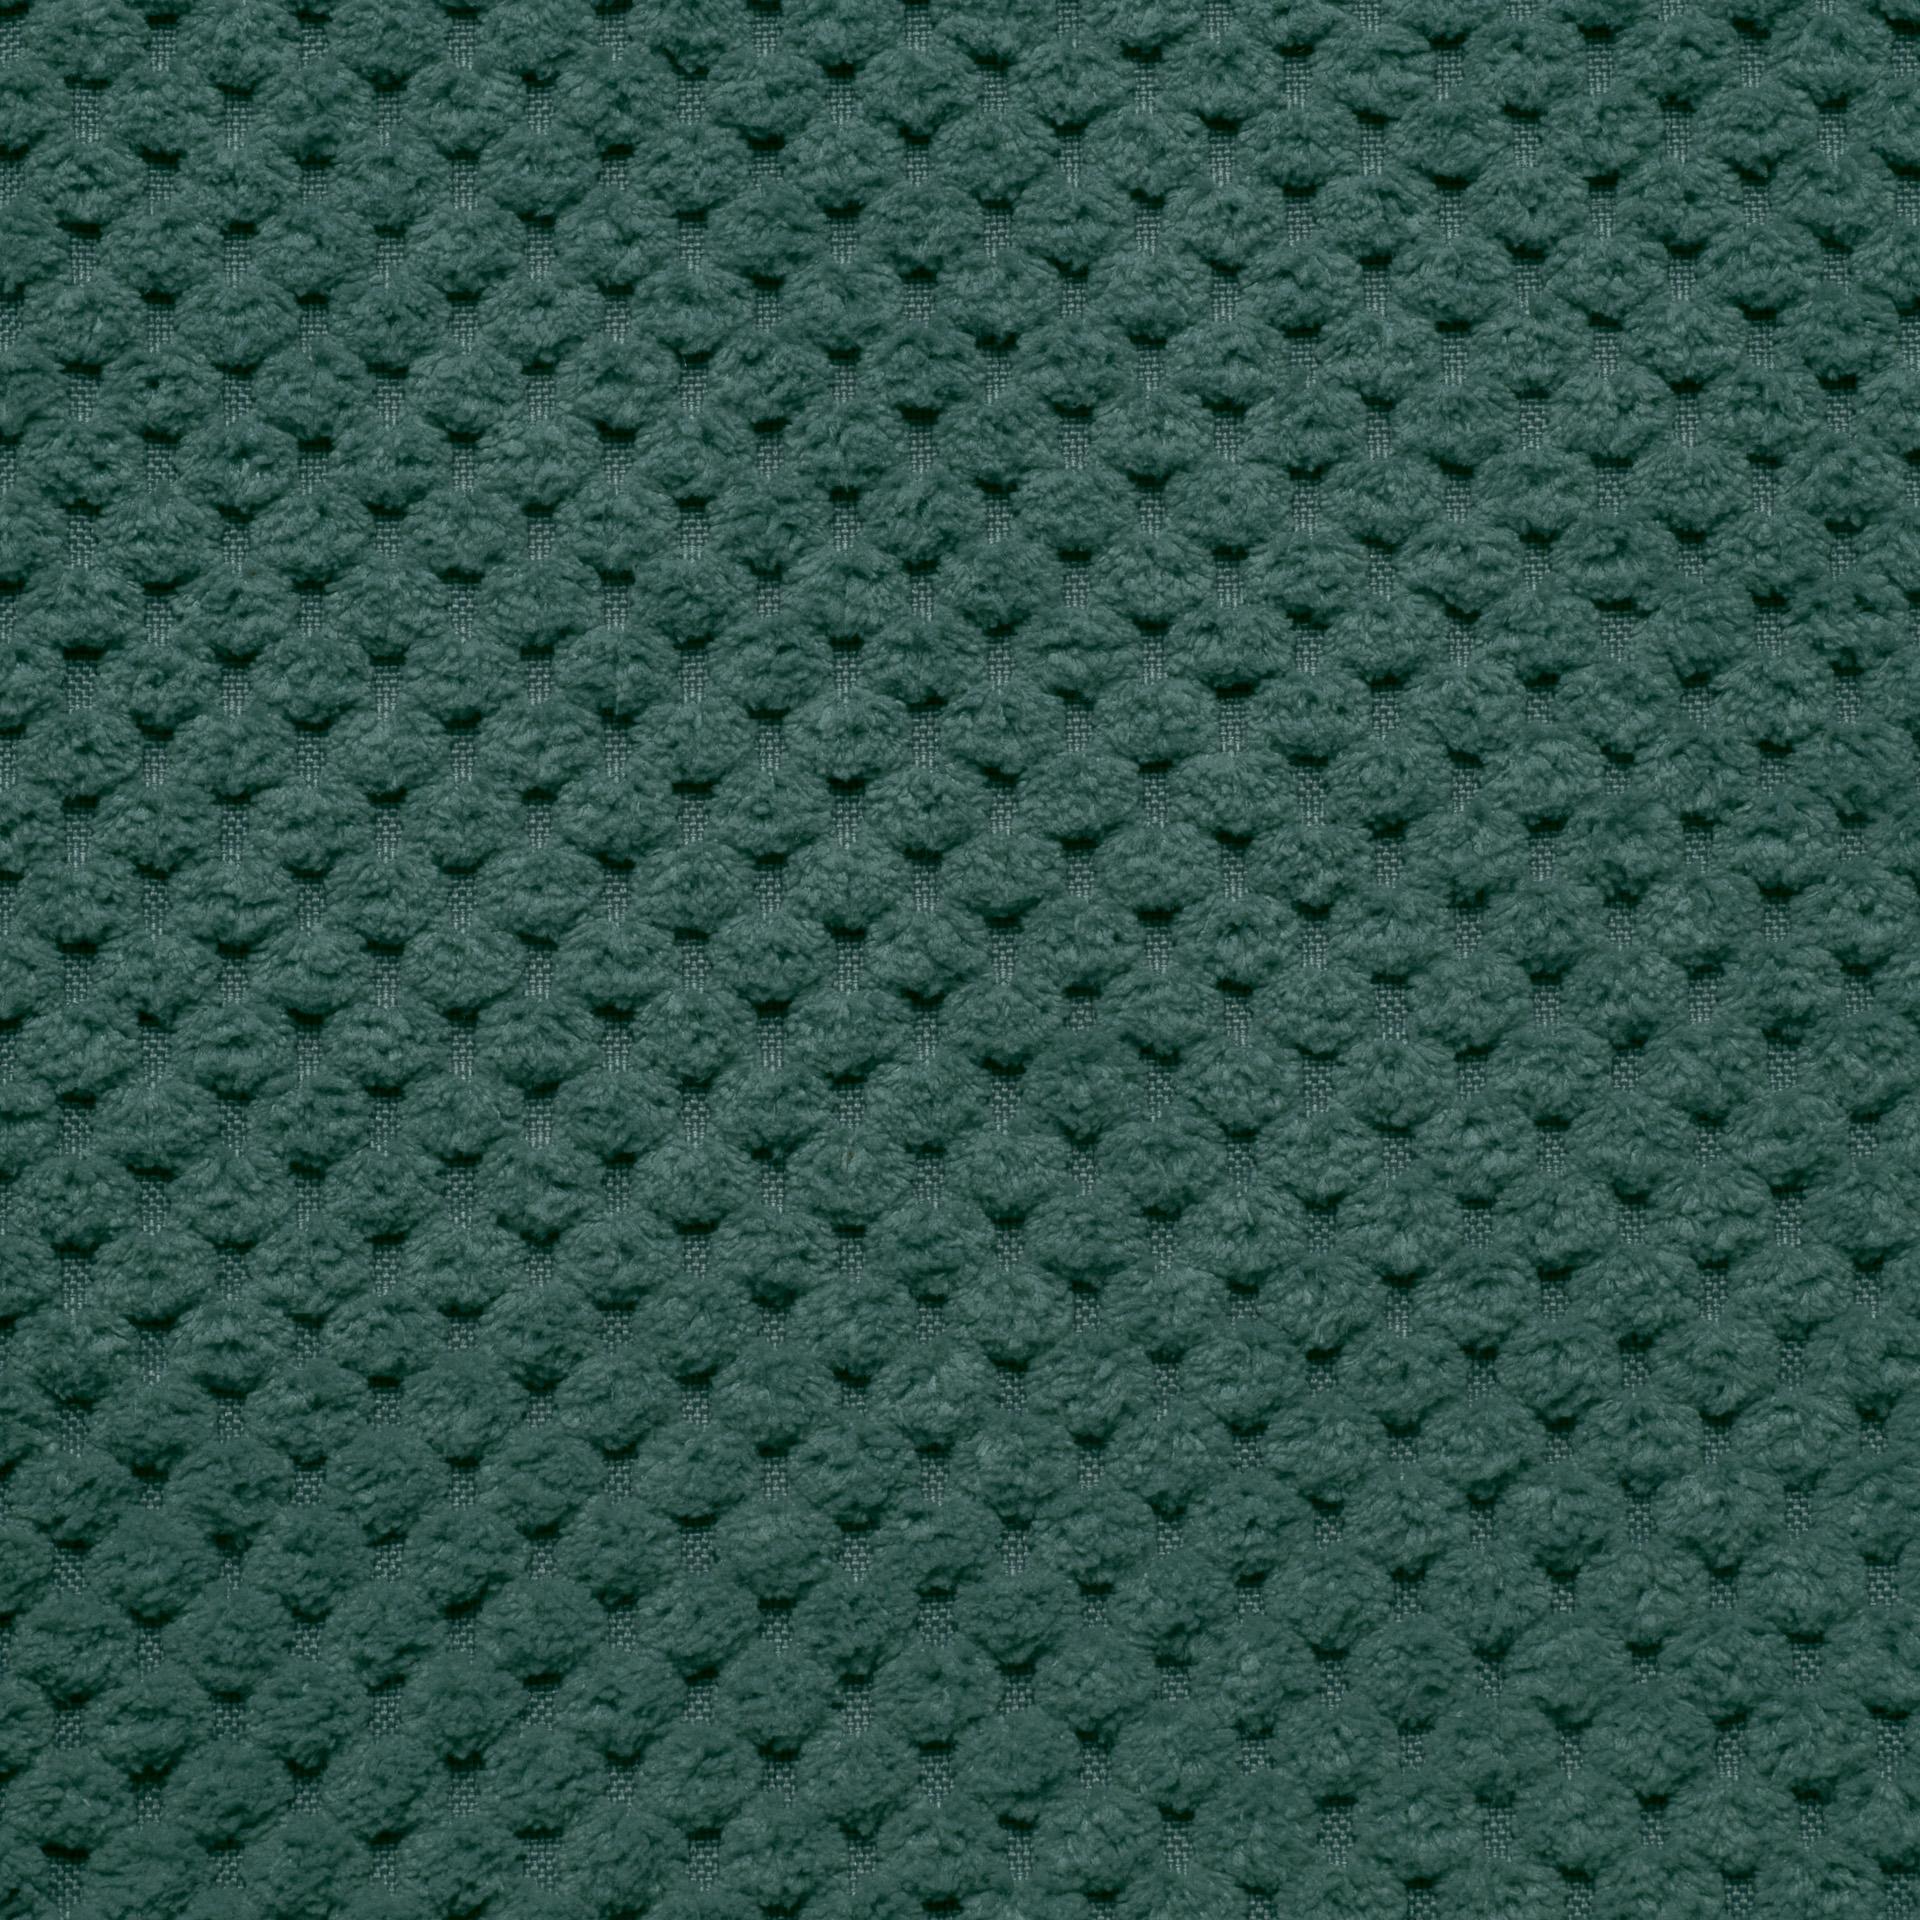 Коллекция ткани Дорис 23,  купить ткань Велюр для мебели Украина